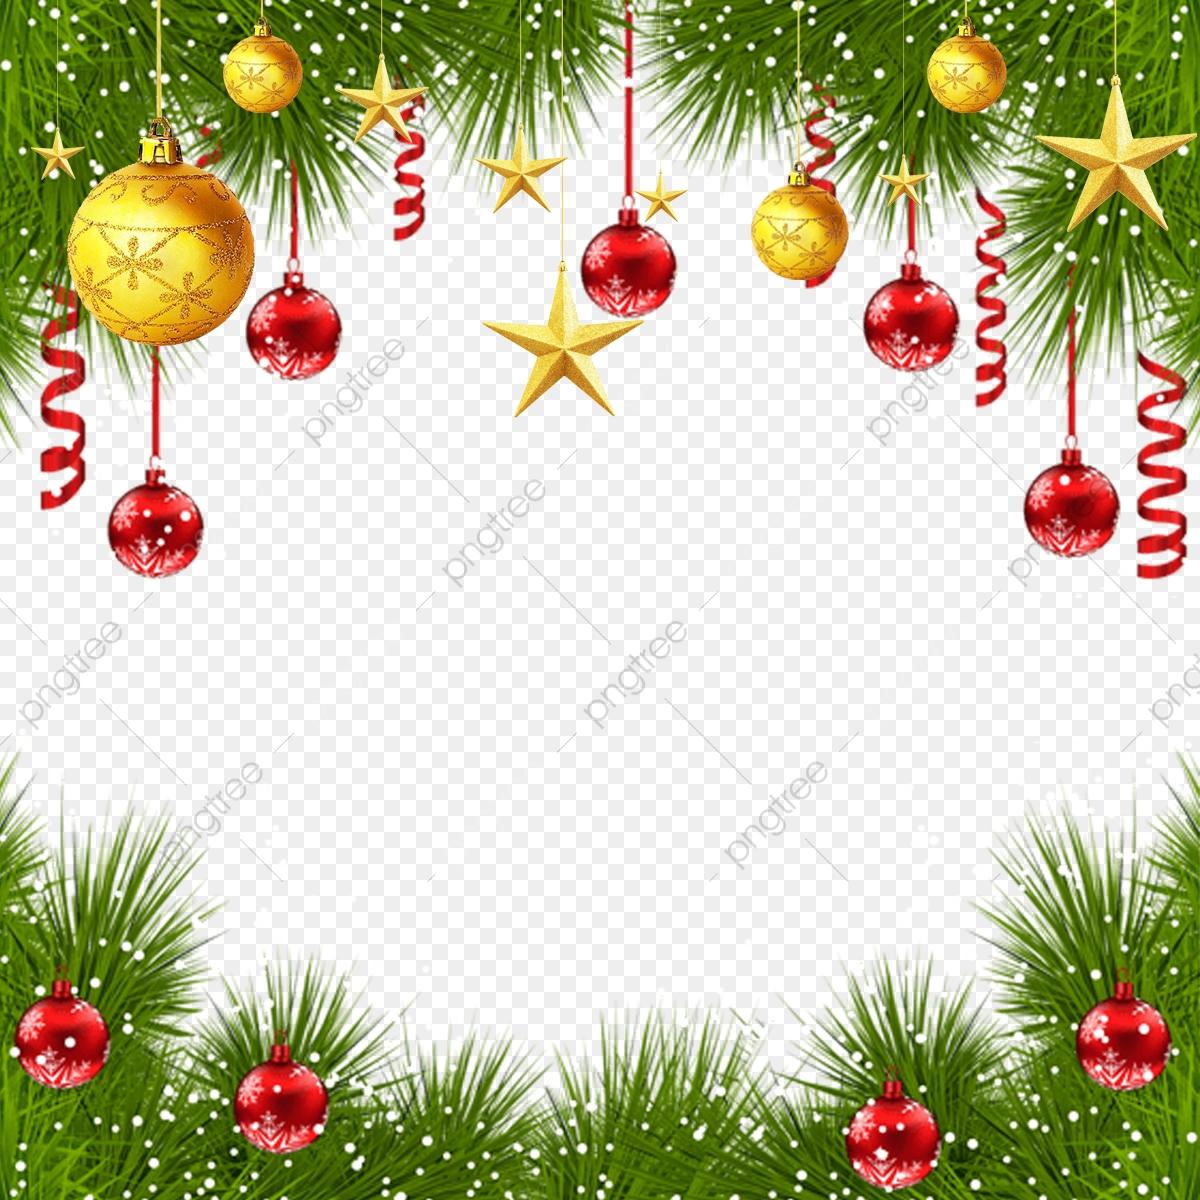 Navidad Fondos De Navidad Bolas De Navidad Christmas Graphic.